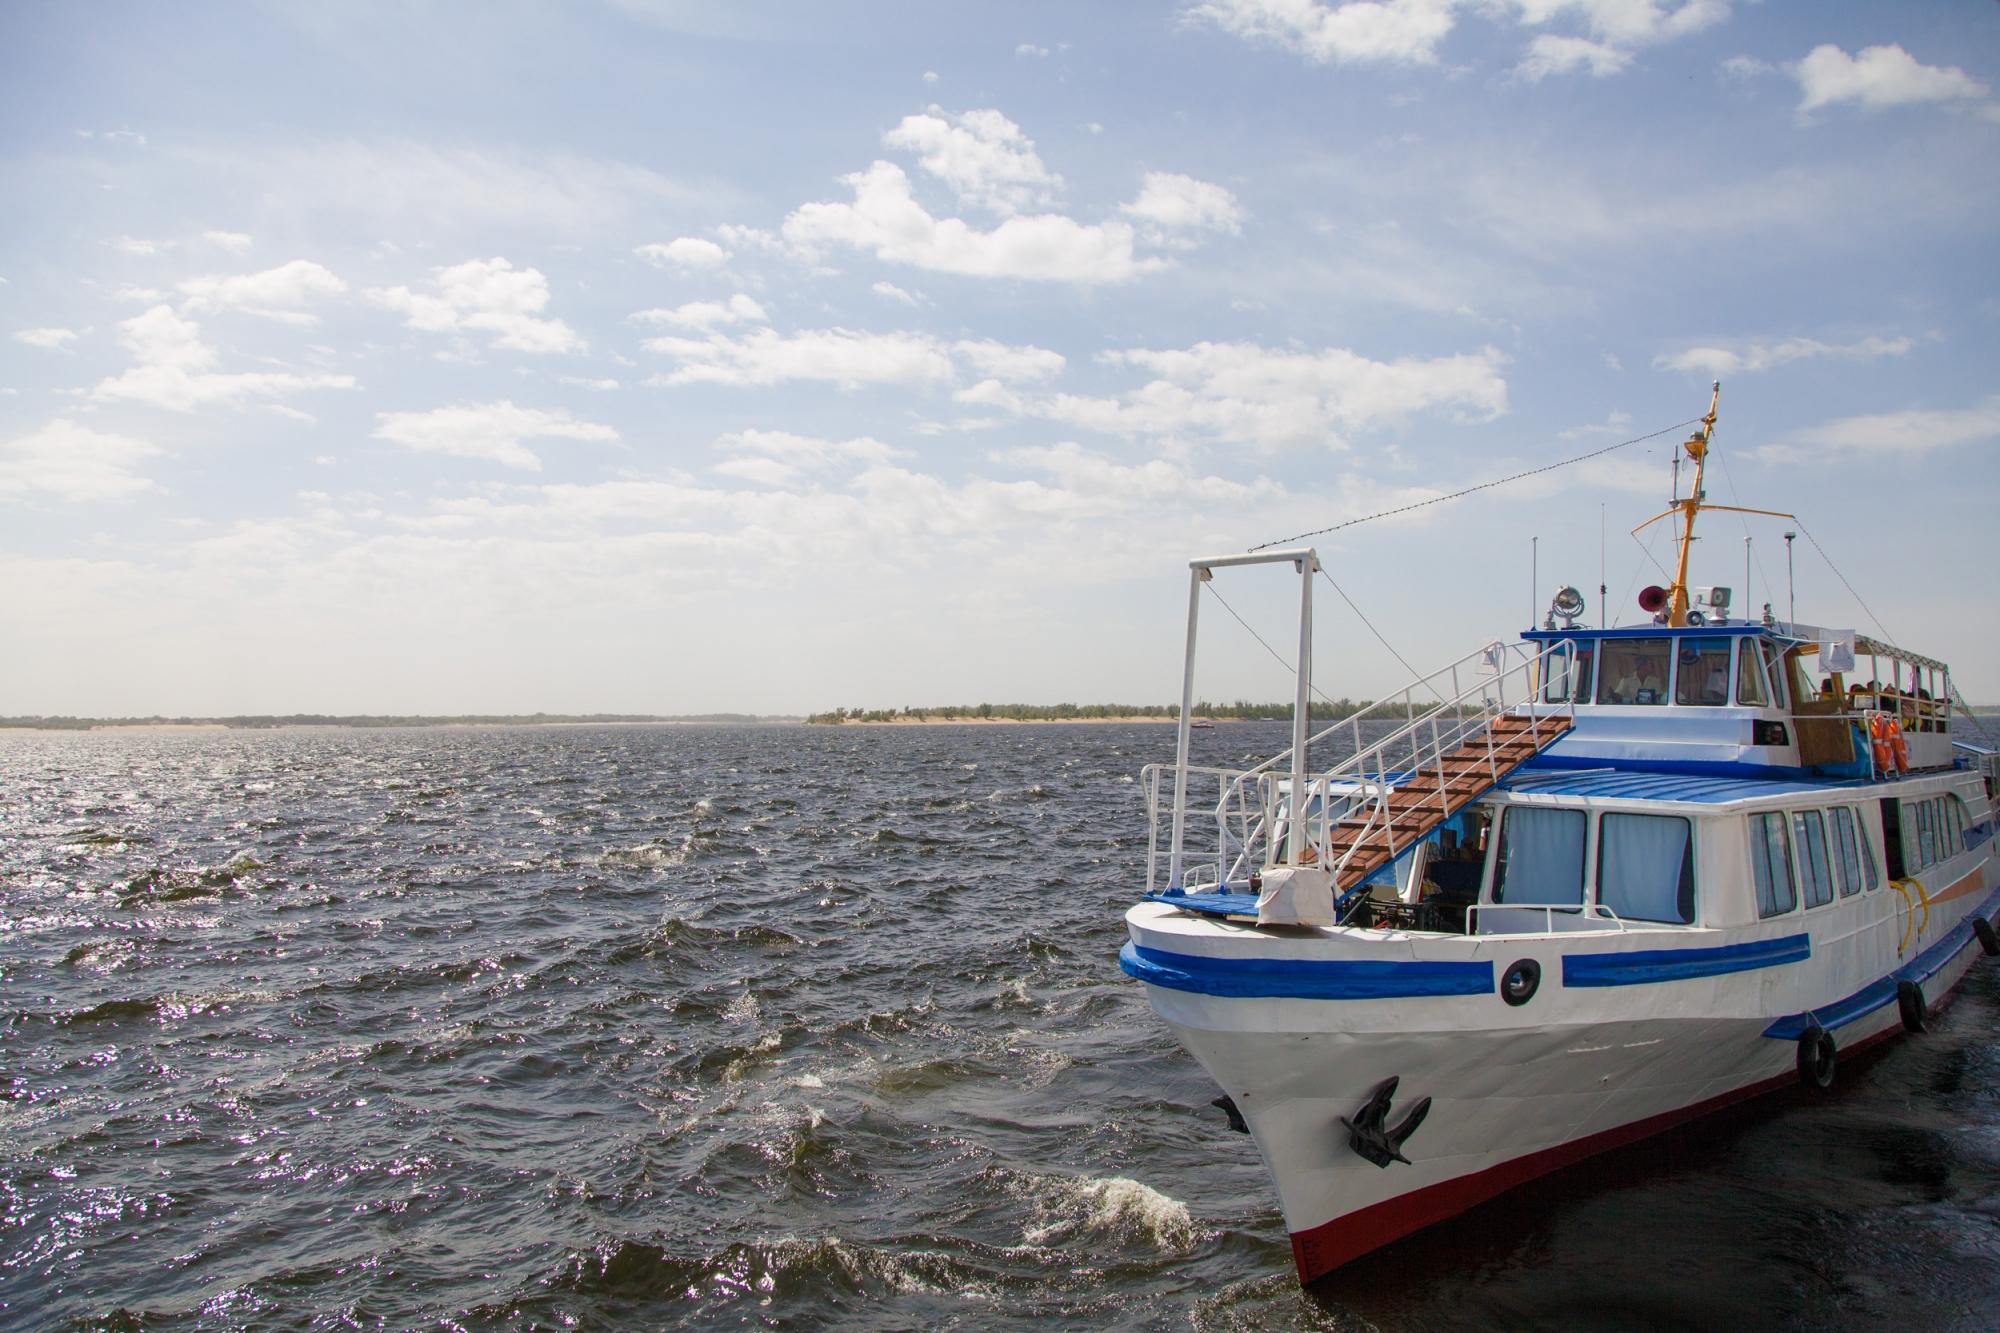 Власти Волгограда приобрели речной пассажирский флот за32,5 млн руб.